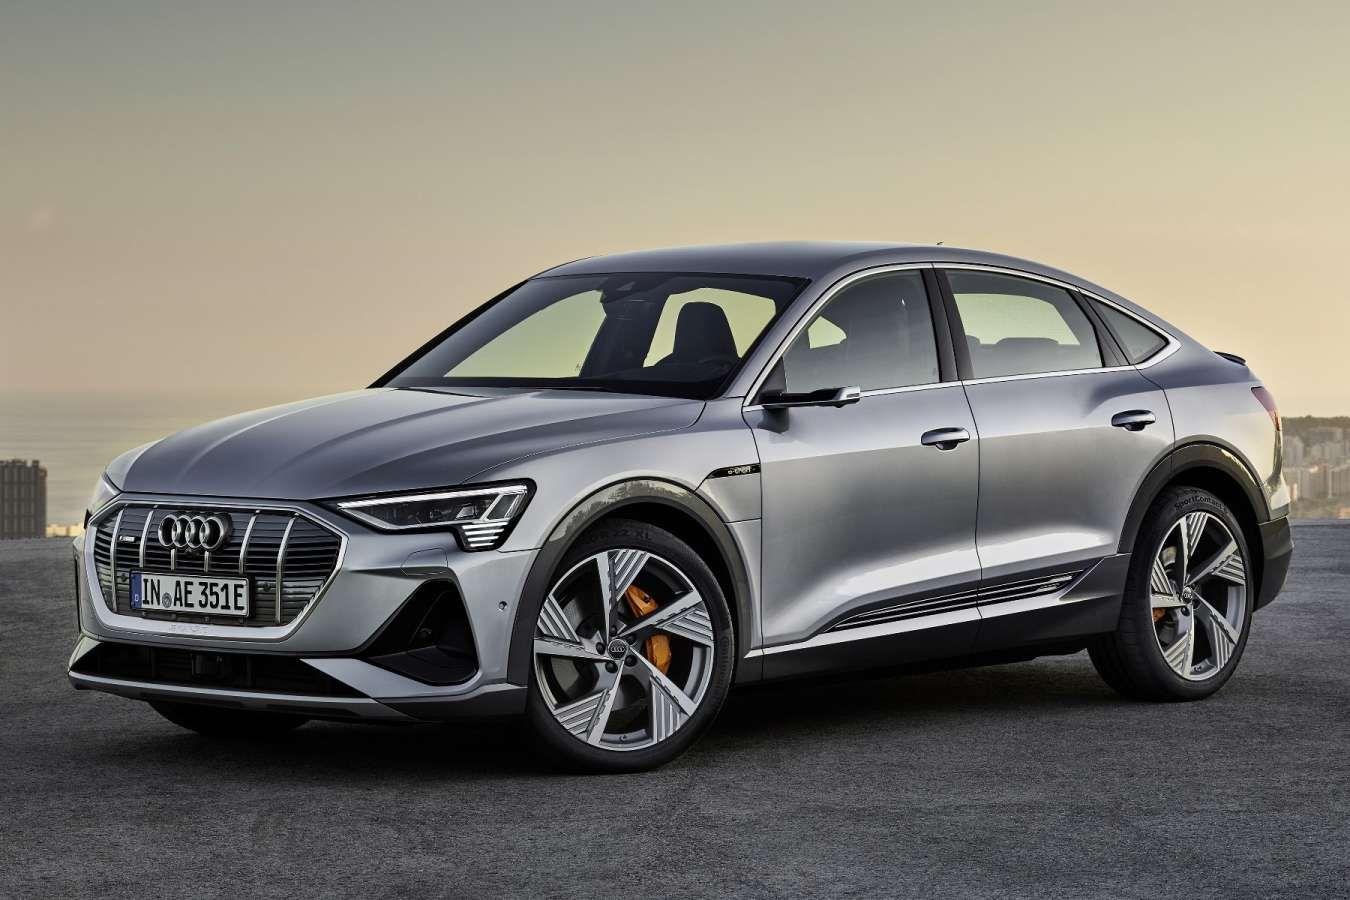 Audi etron Sportback (2019) le SUV coupé électrique de